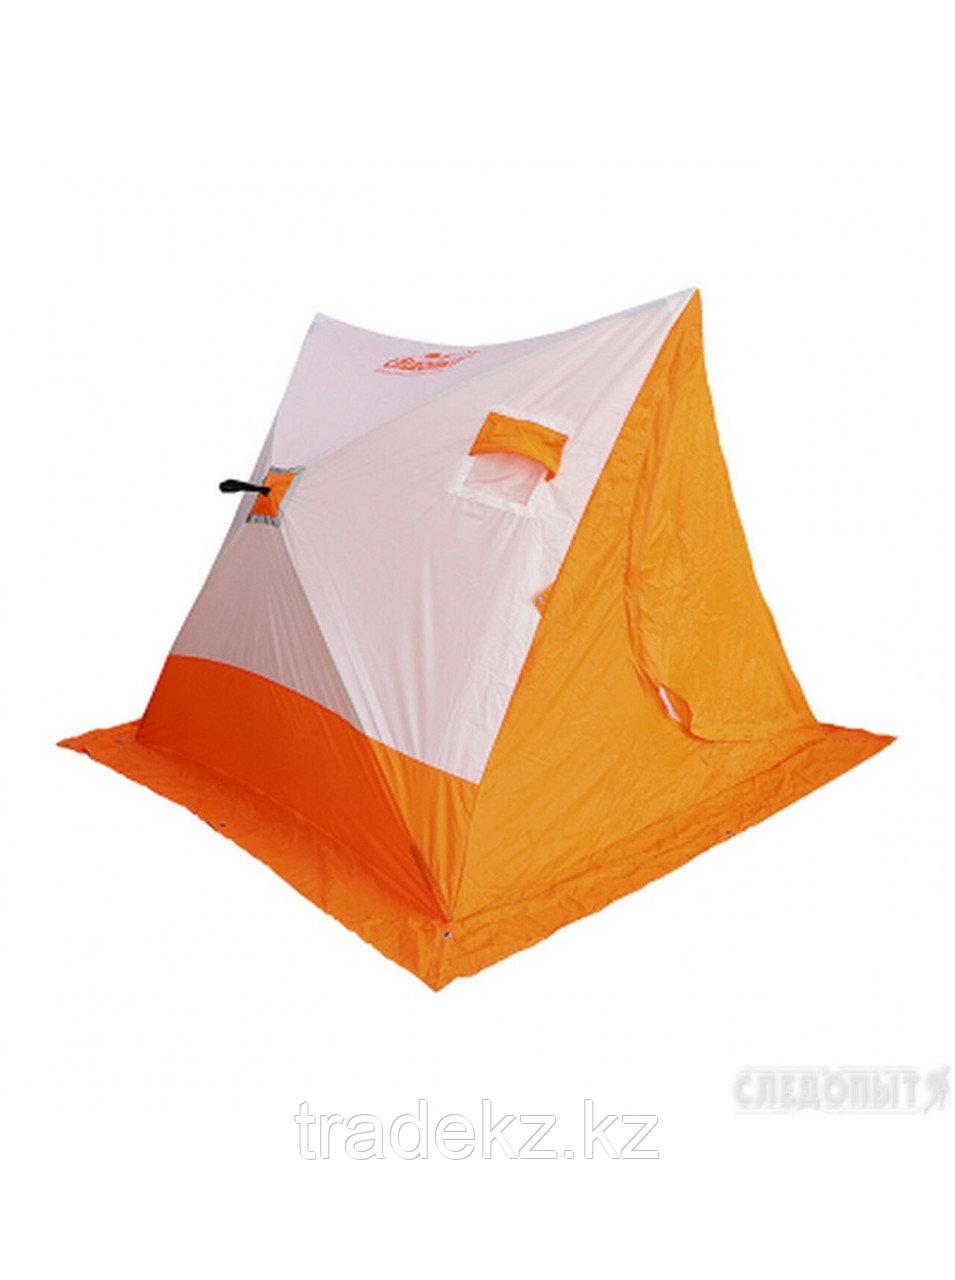 Палатка для зимней рыбалки PF-TW-19 СЛЕДОПЫТ 2-скатная